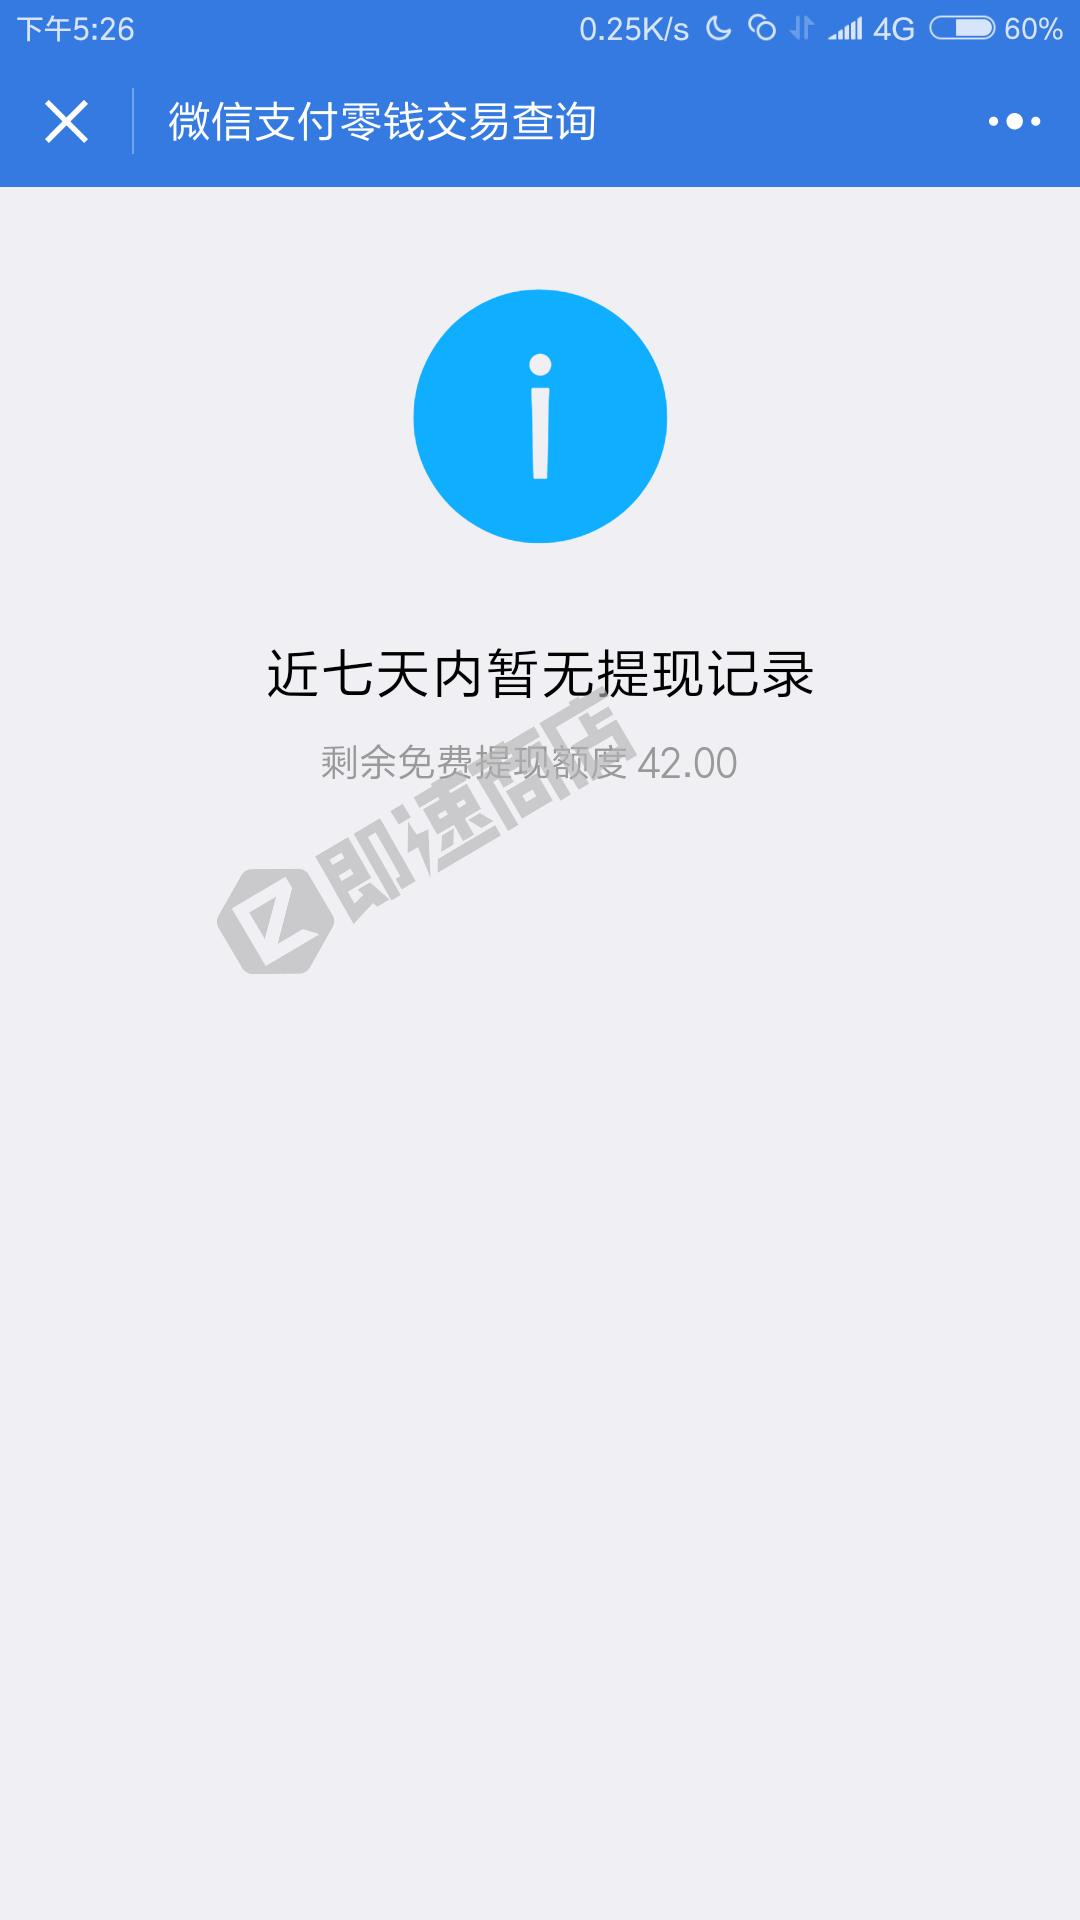 腾讯客服小程序详情页截图